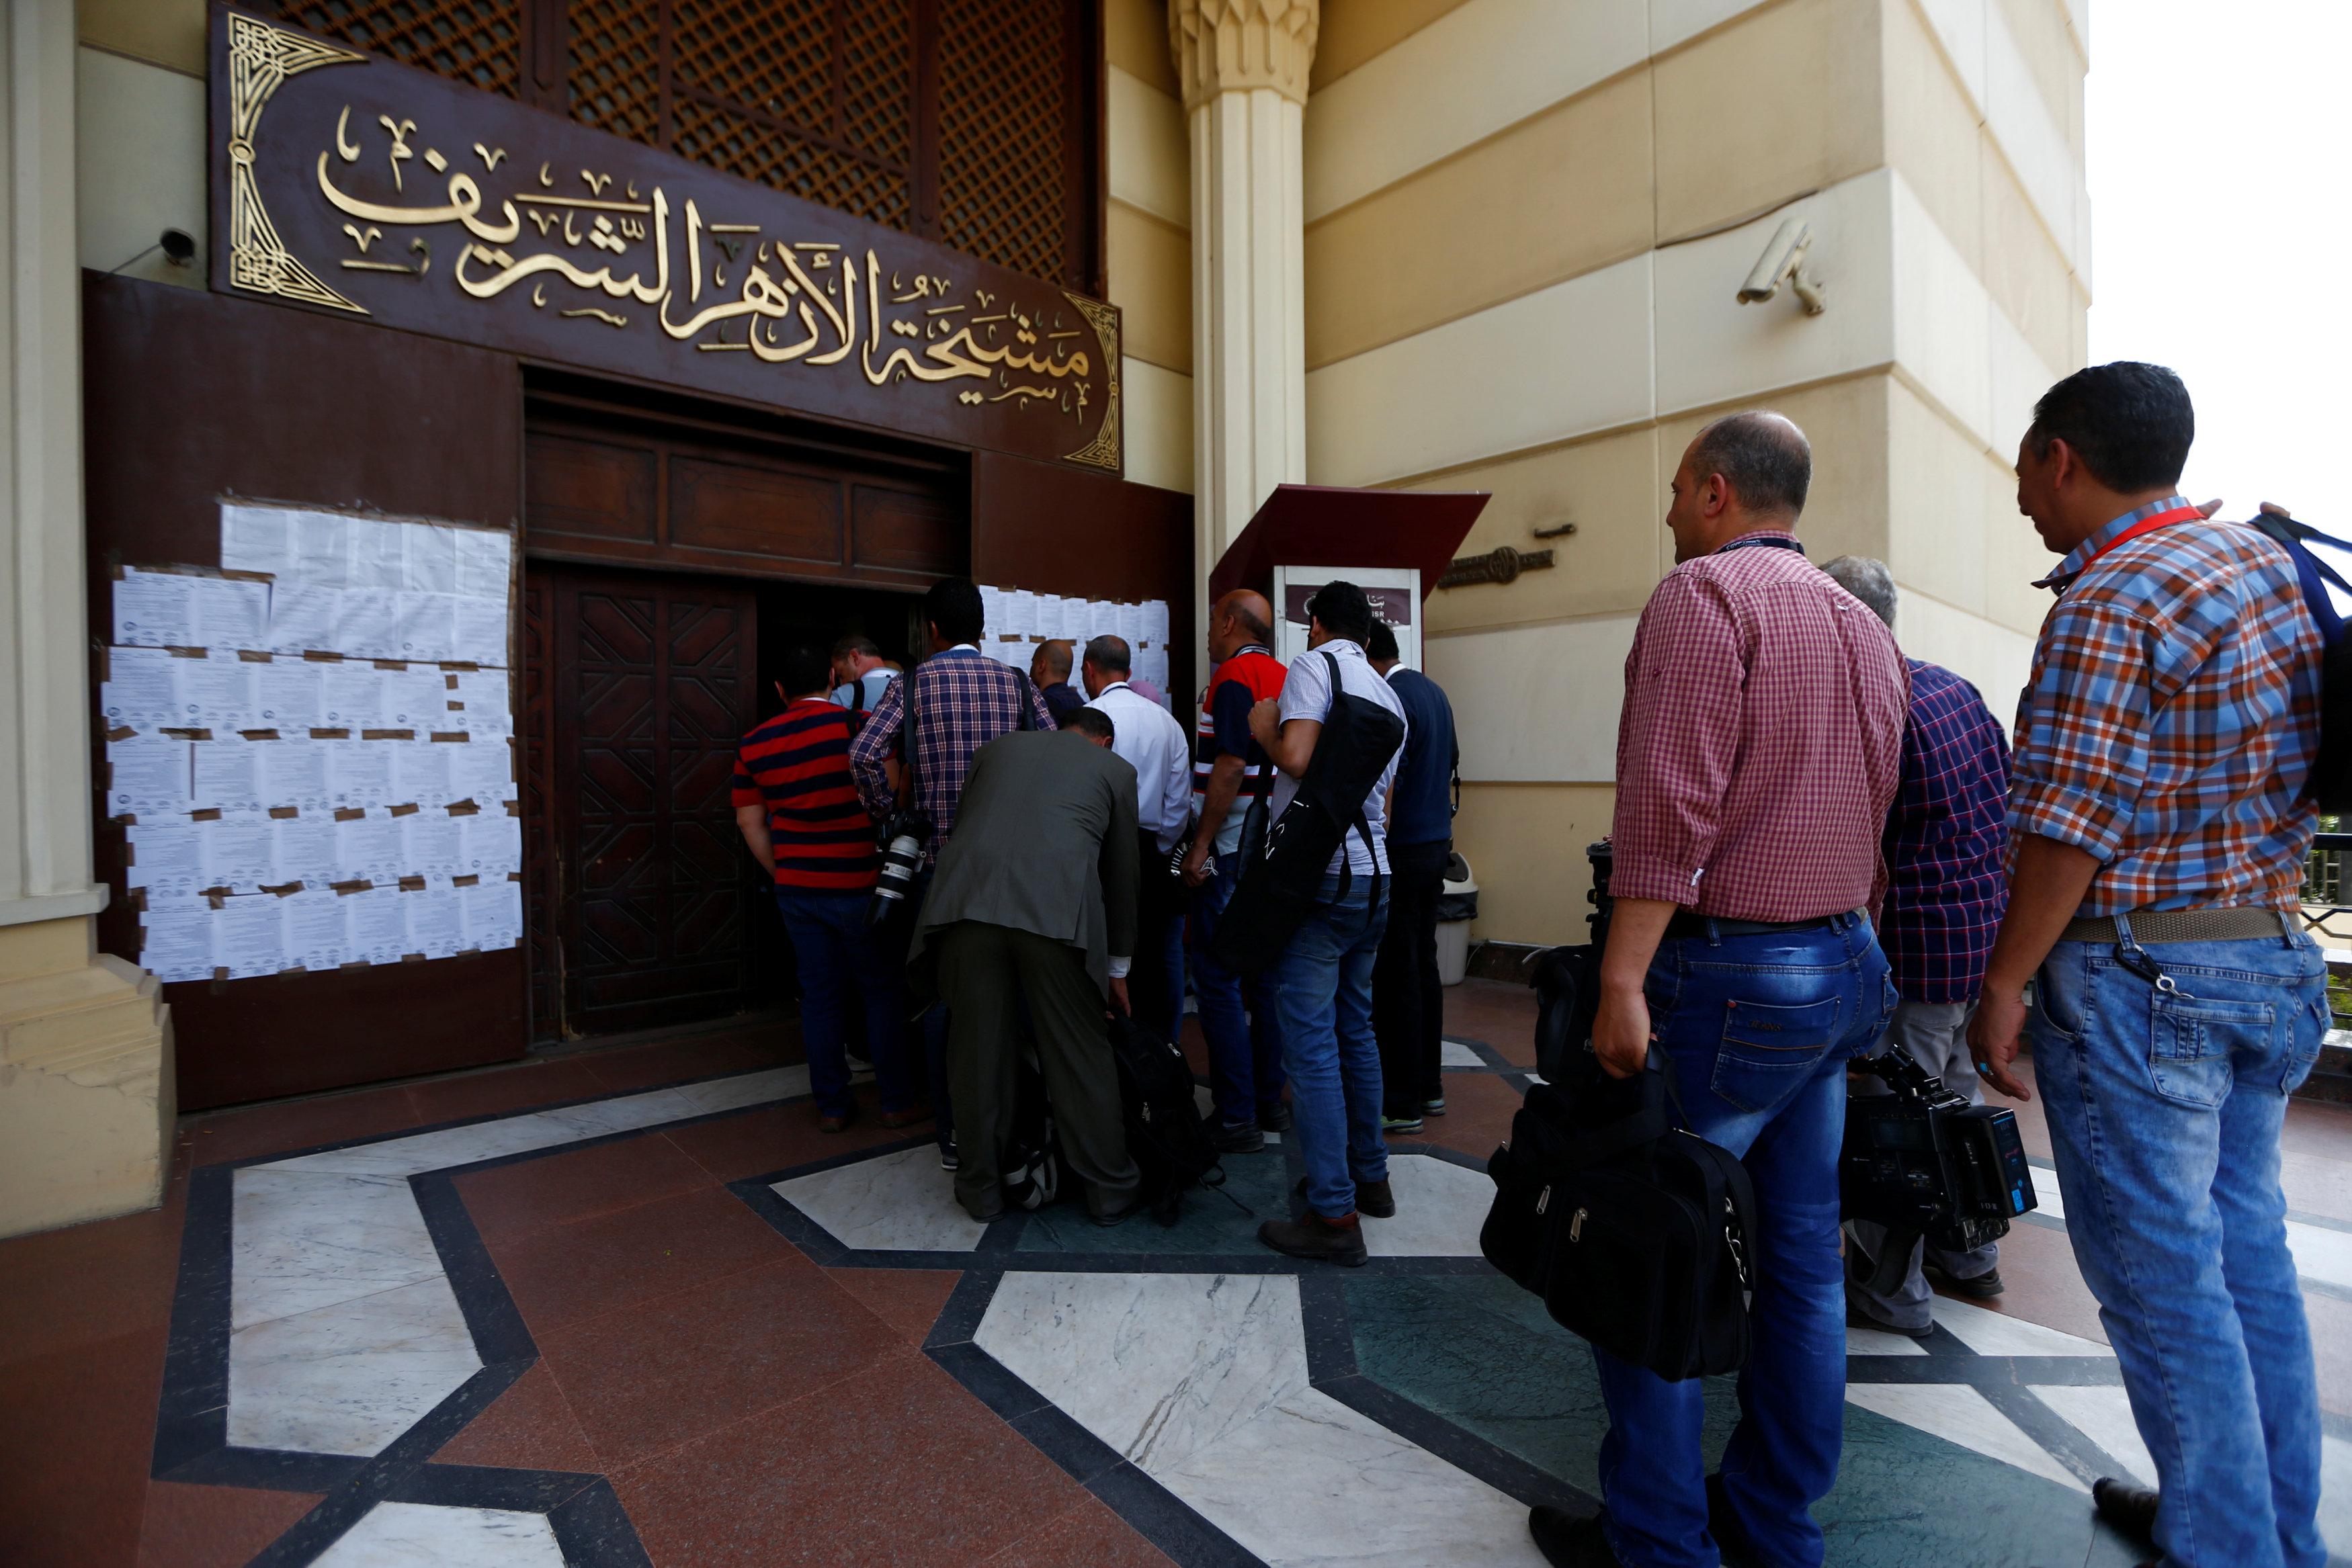 تفتيش حقائب الصحفيين قبل الدخول للقاعة الرئيسية